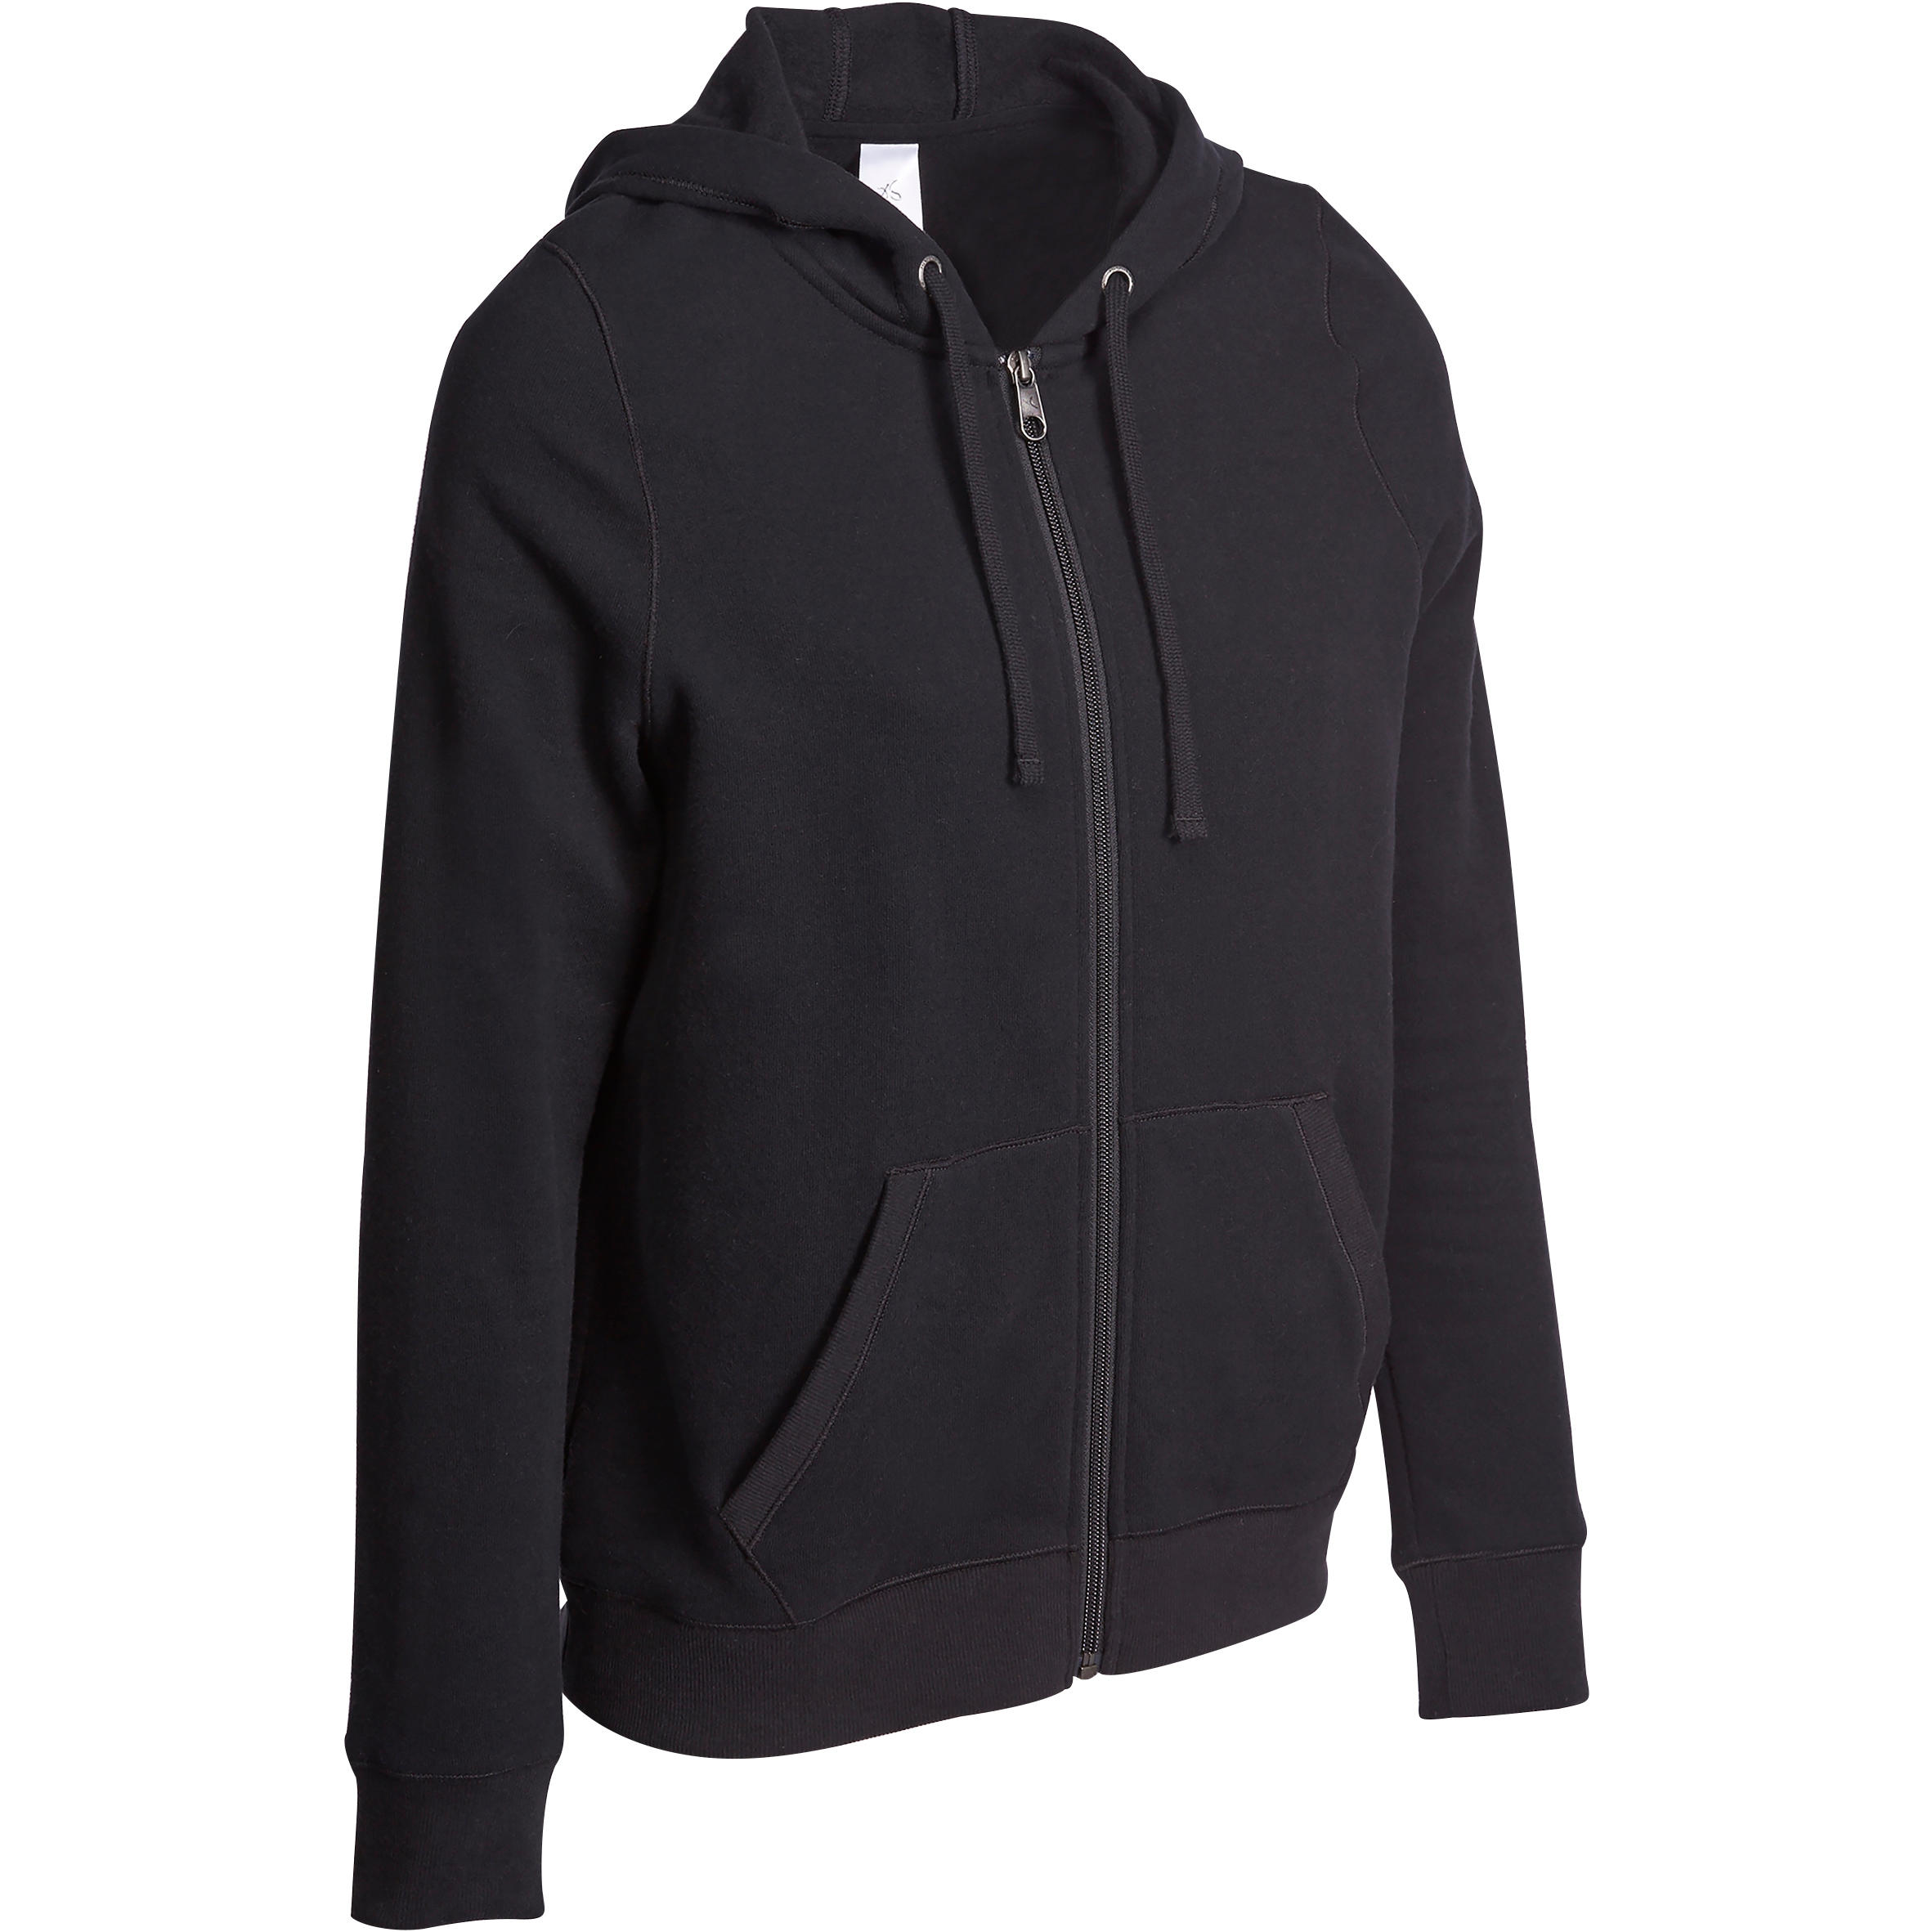 Veste 520 capuchon gymnastique d'étirements femme noir